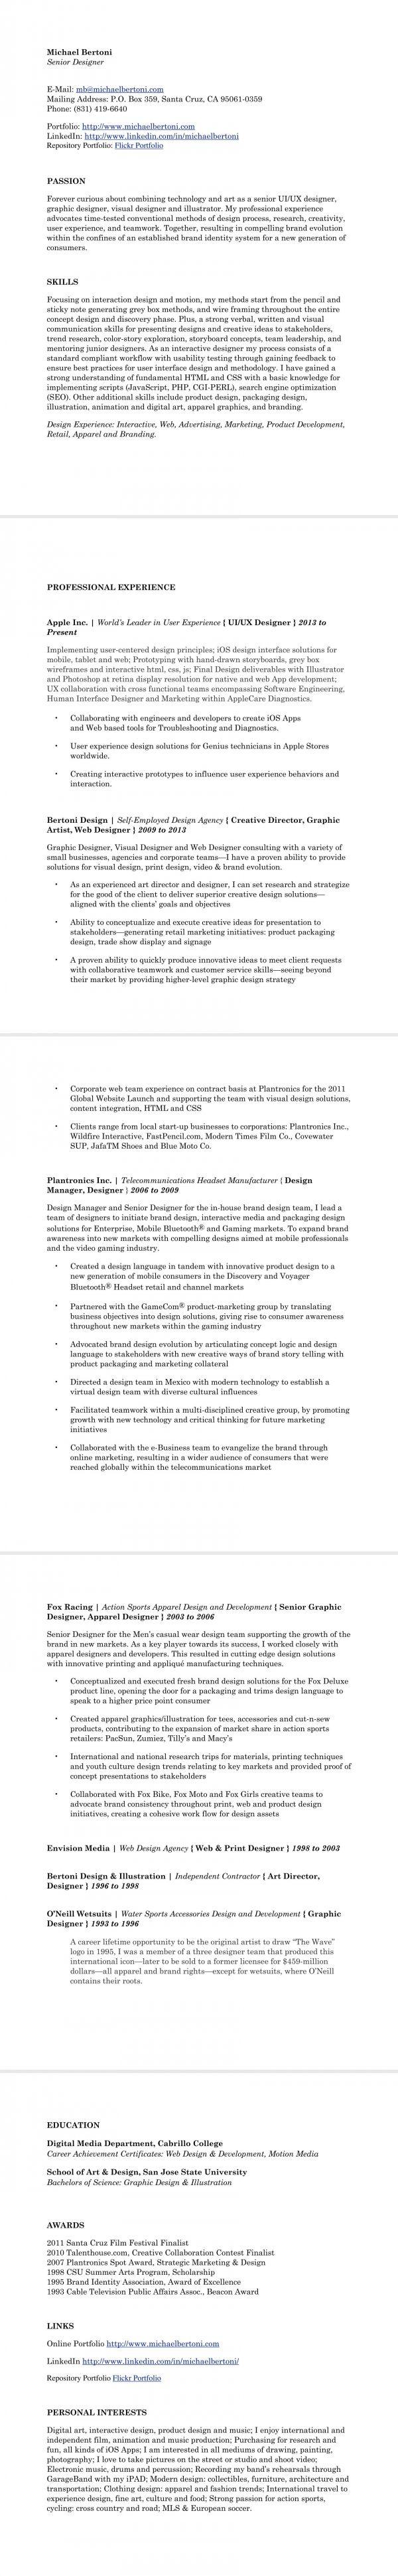 80 best Resume CV images on Pinterest